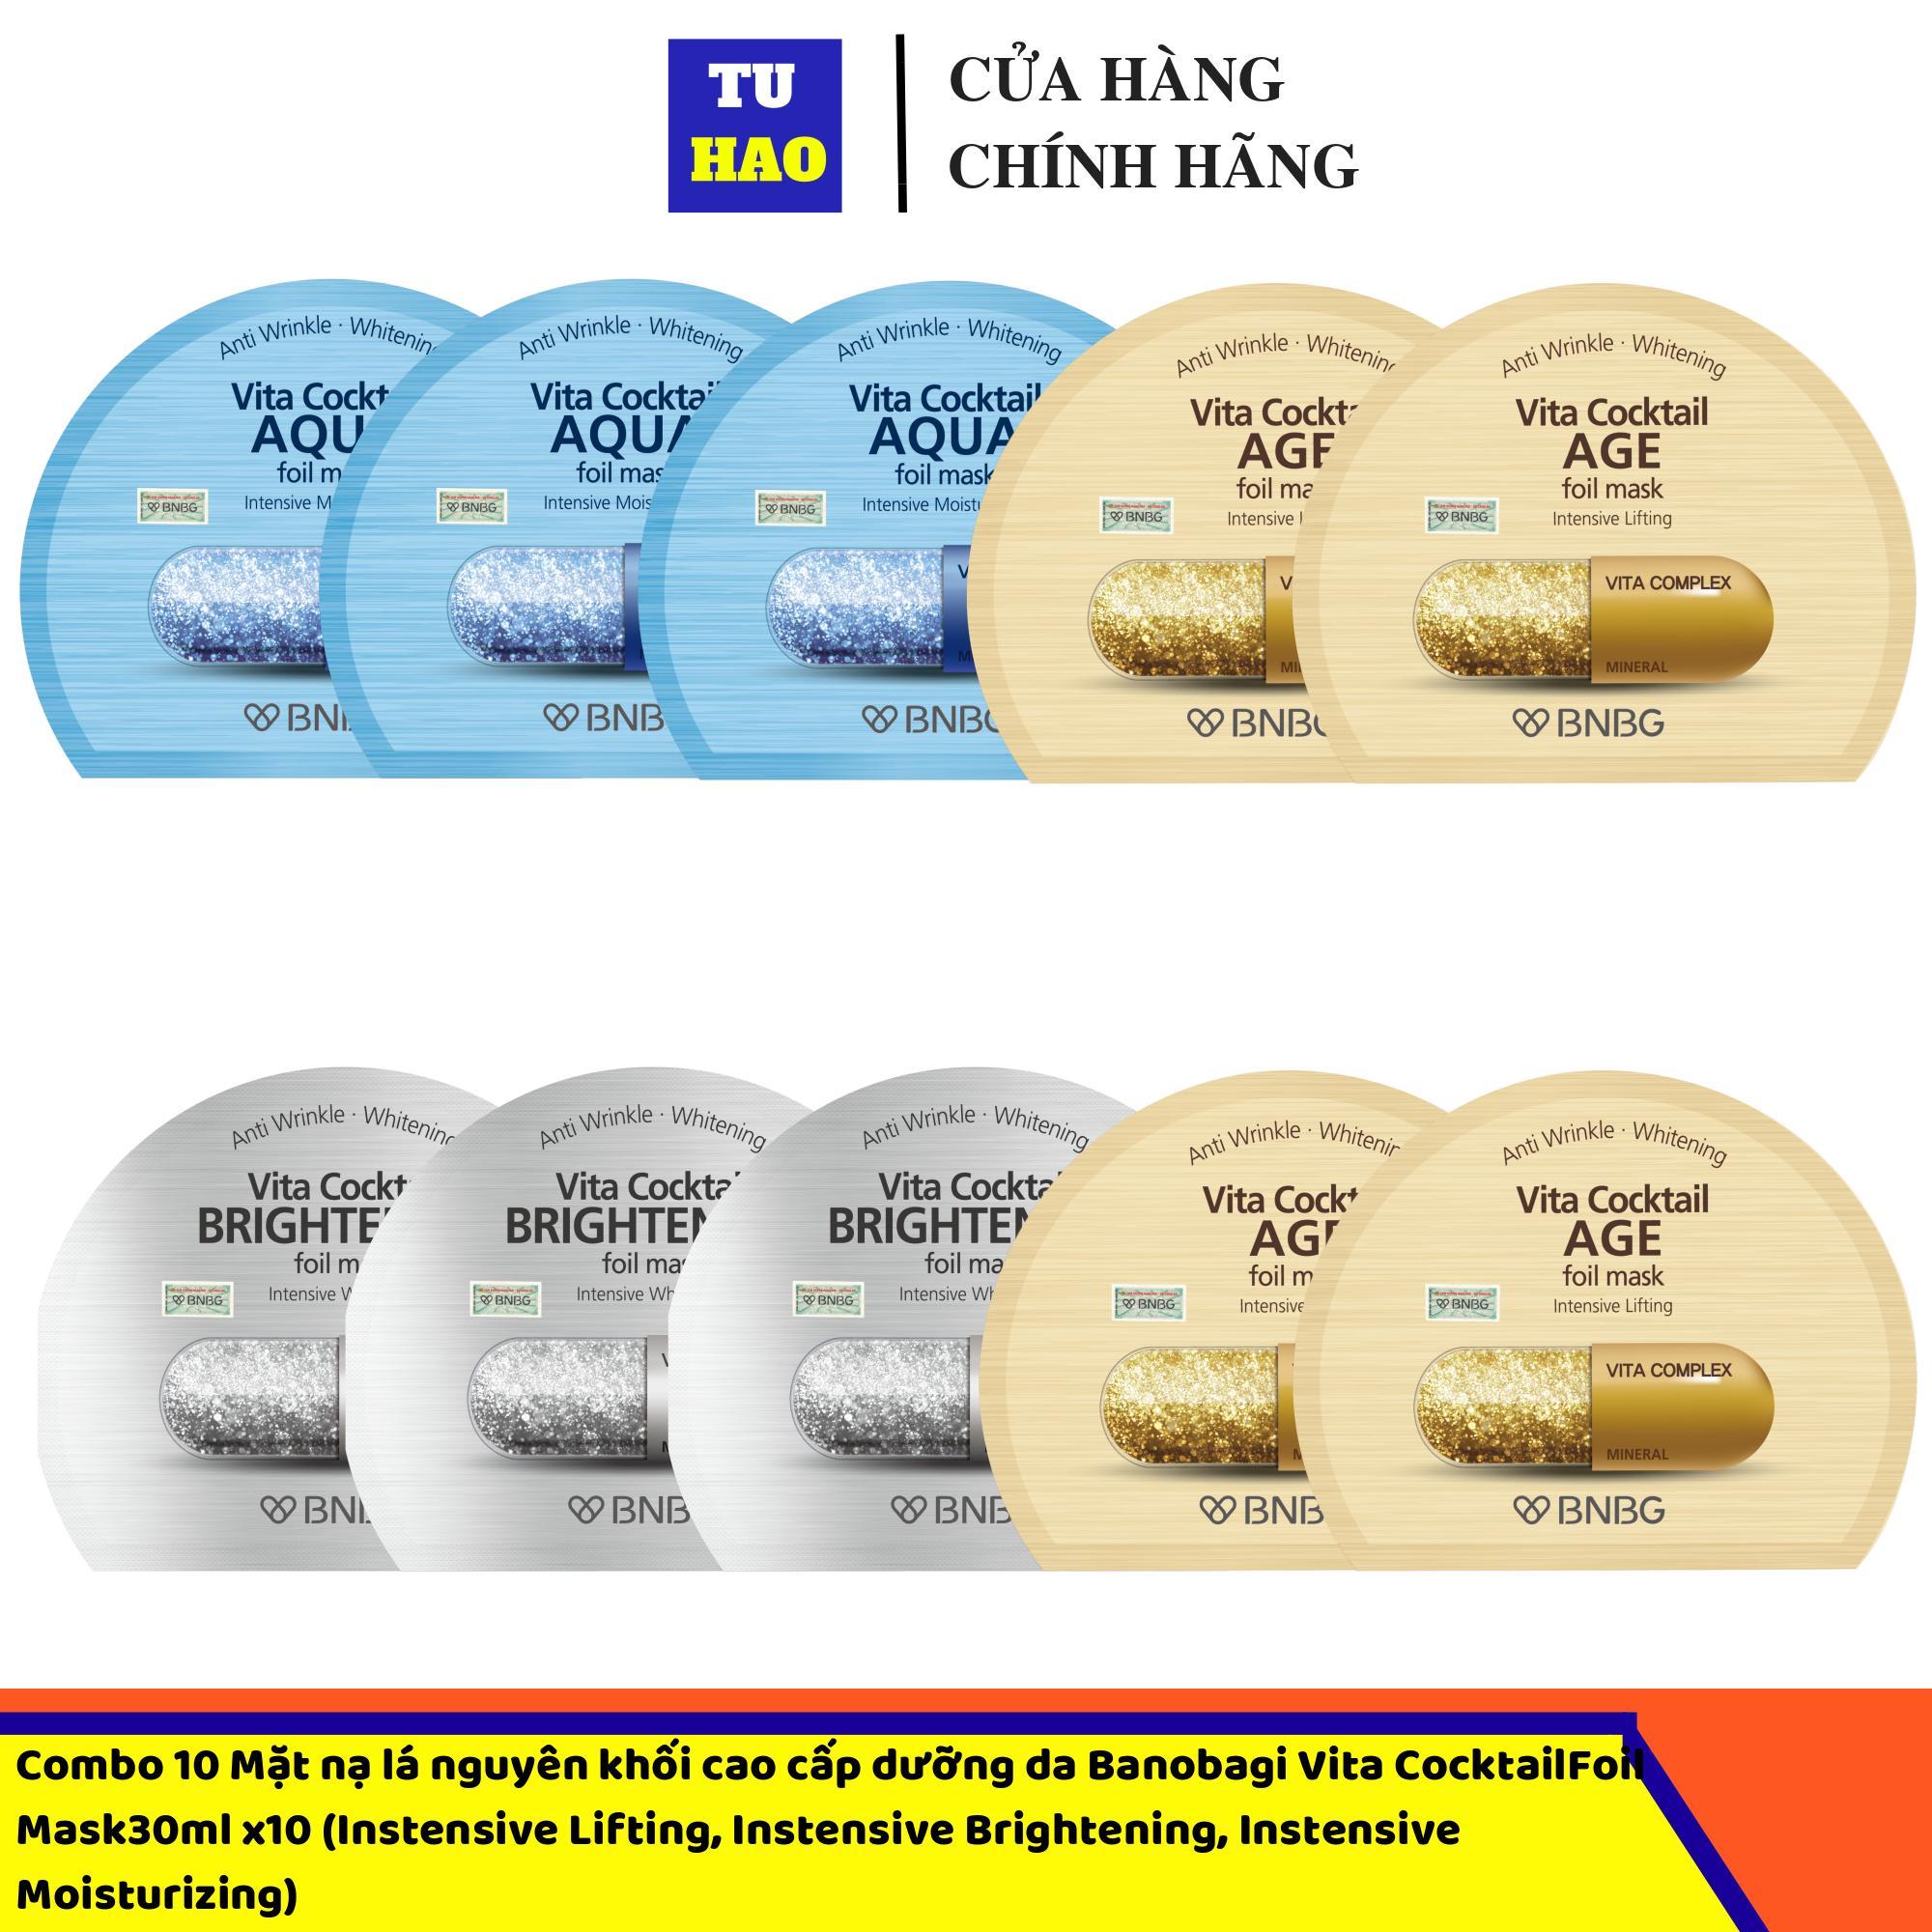 Hộp 10 Mặt nạ lá nguyên khối cao cấp dưỡng da BNBG Vita Cocktail Foil Mask30ml x10 (Instensive Lifting, Instensive Brightening, Instensive Moisturizing) cao cấp